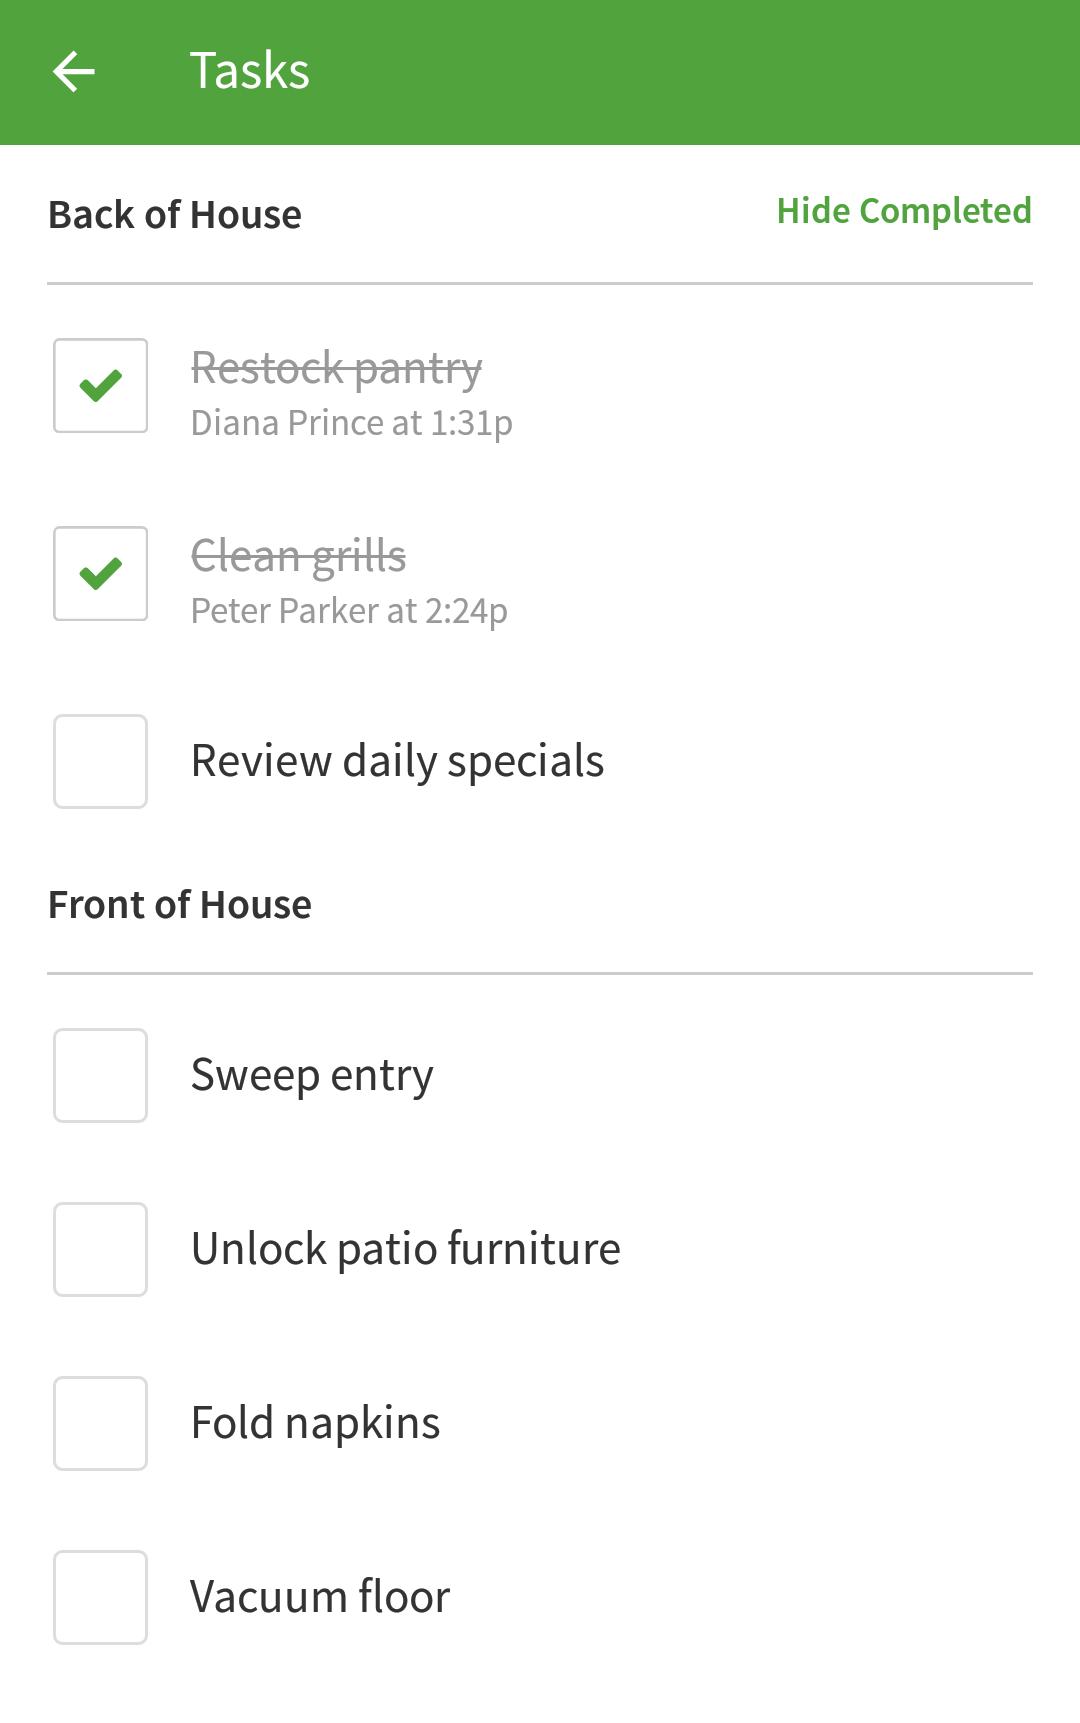 Tasks list